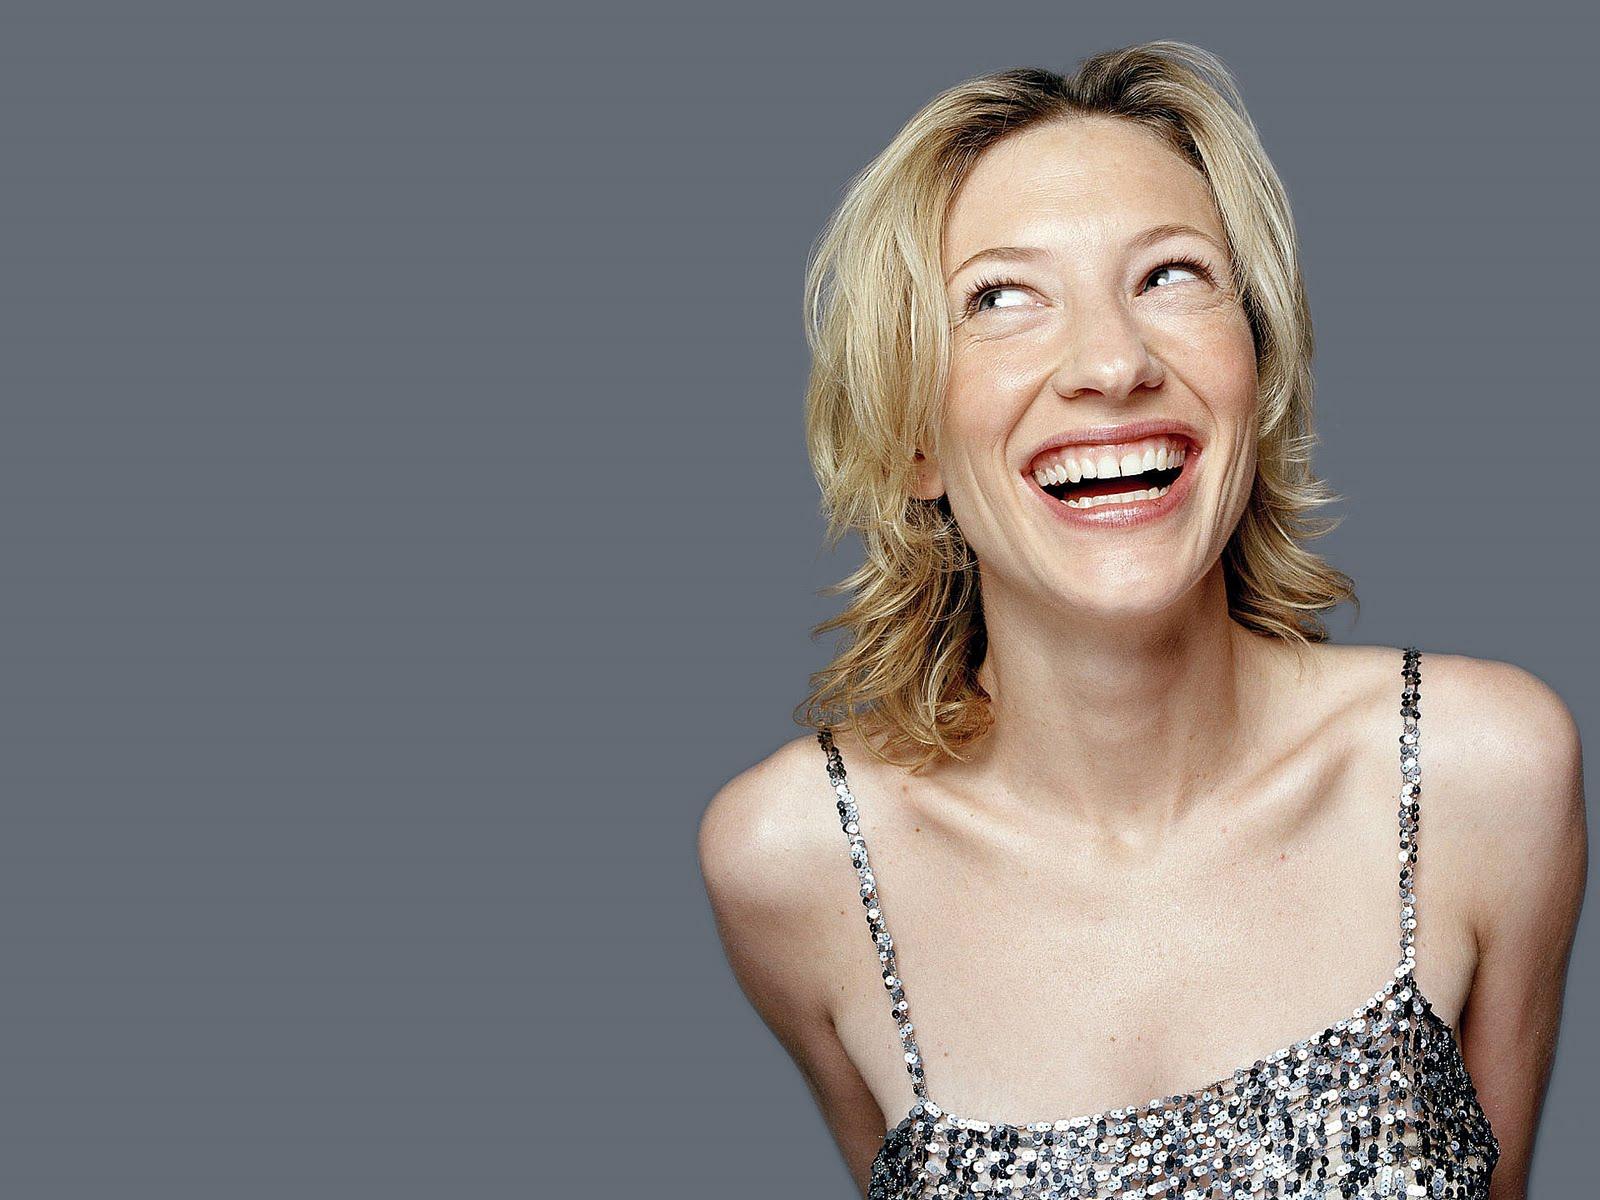 Cate Blanchett Beautif... Cate Blanchett